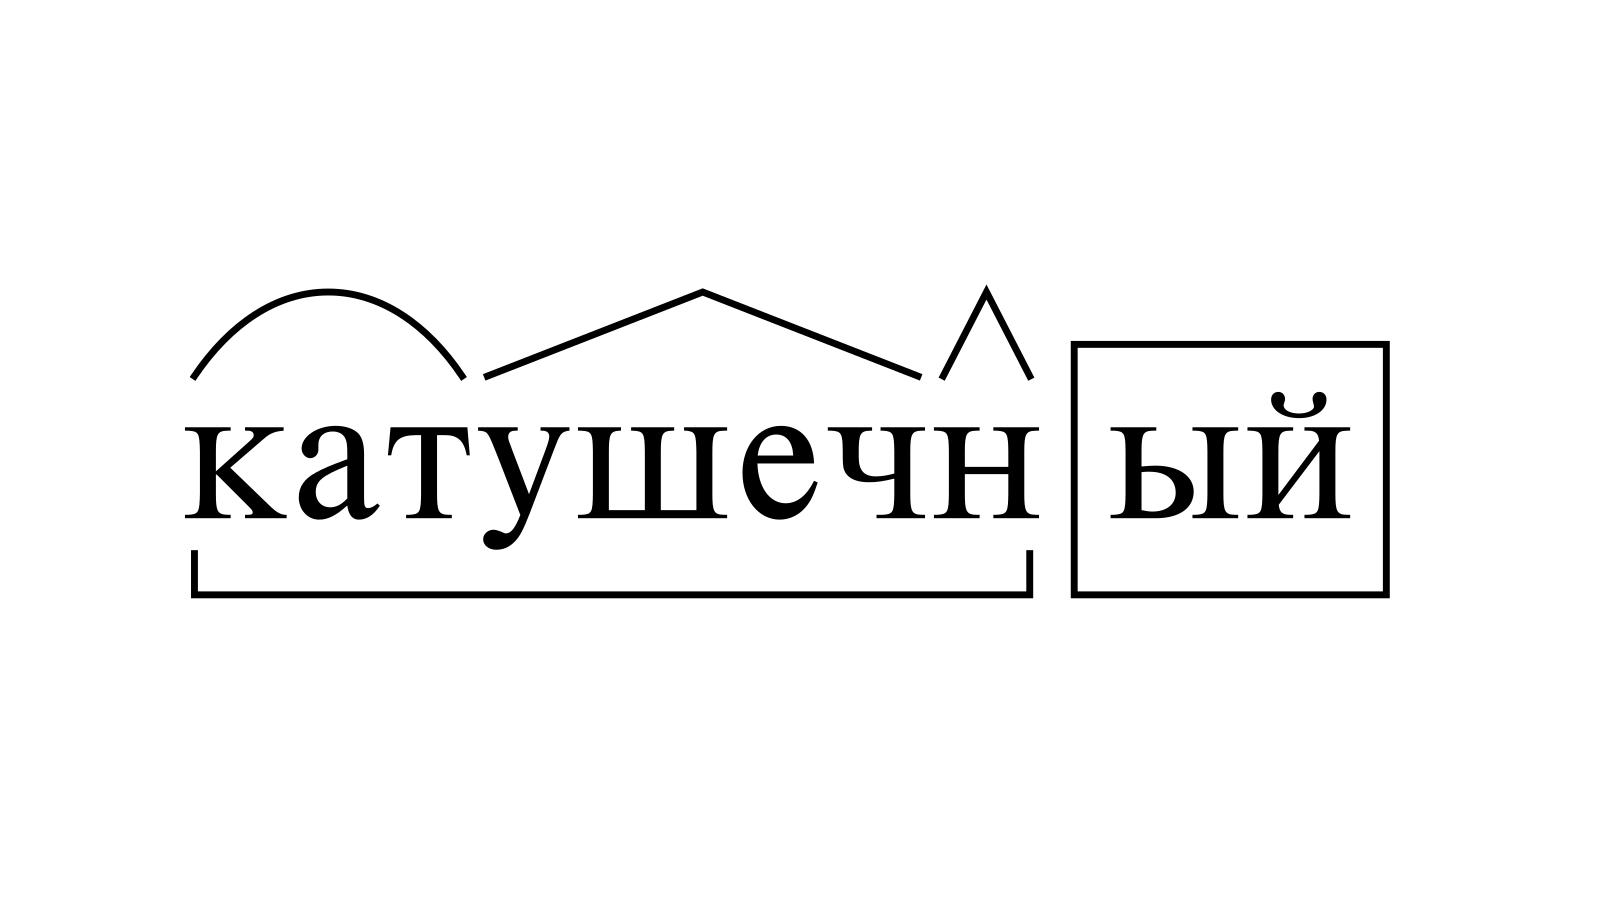 Разбор слова «катушечный» по составу